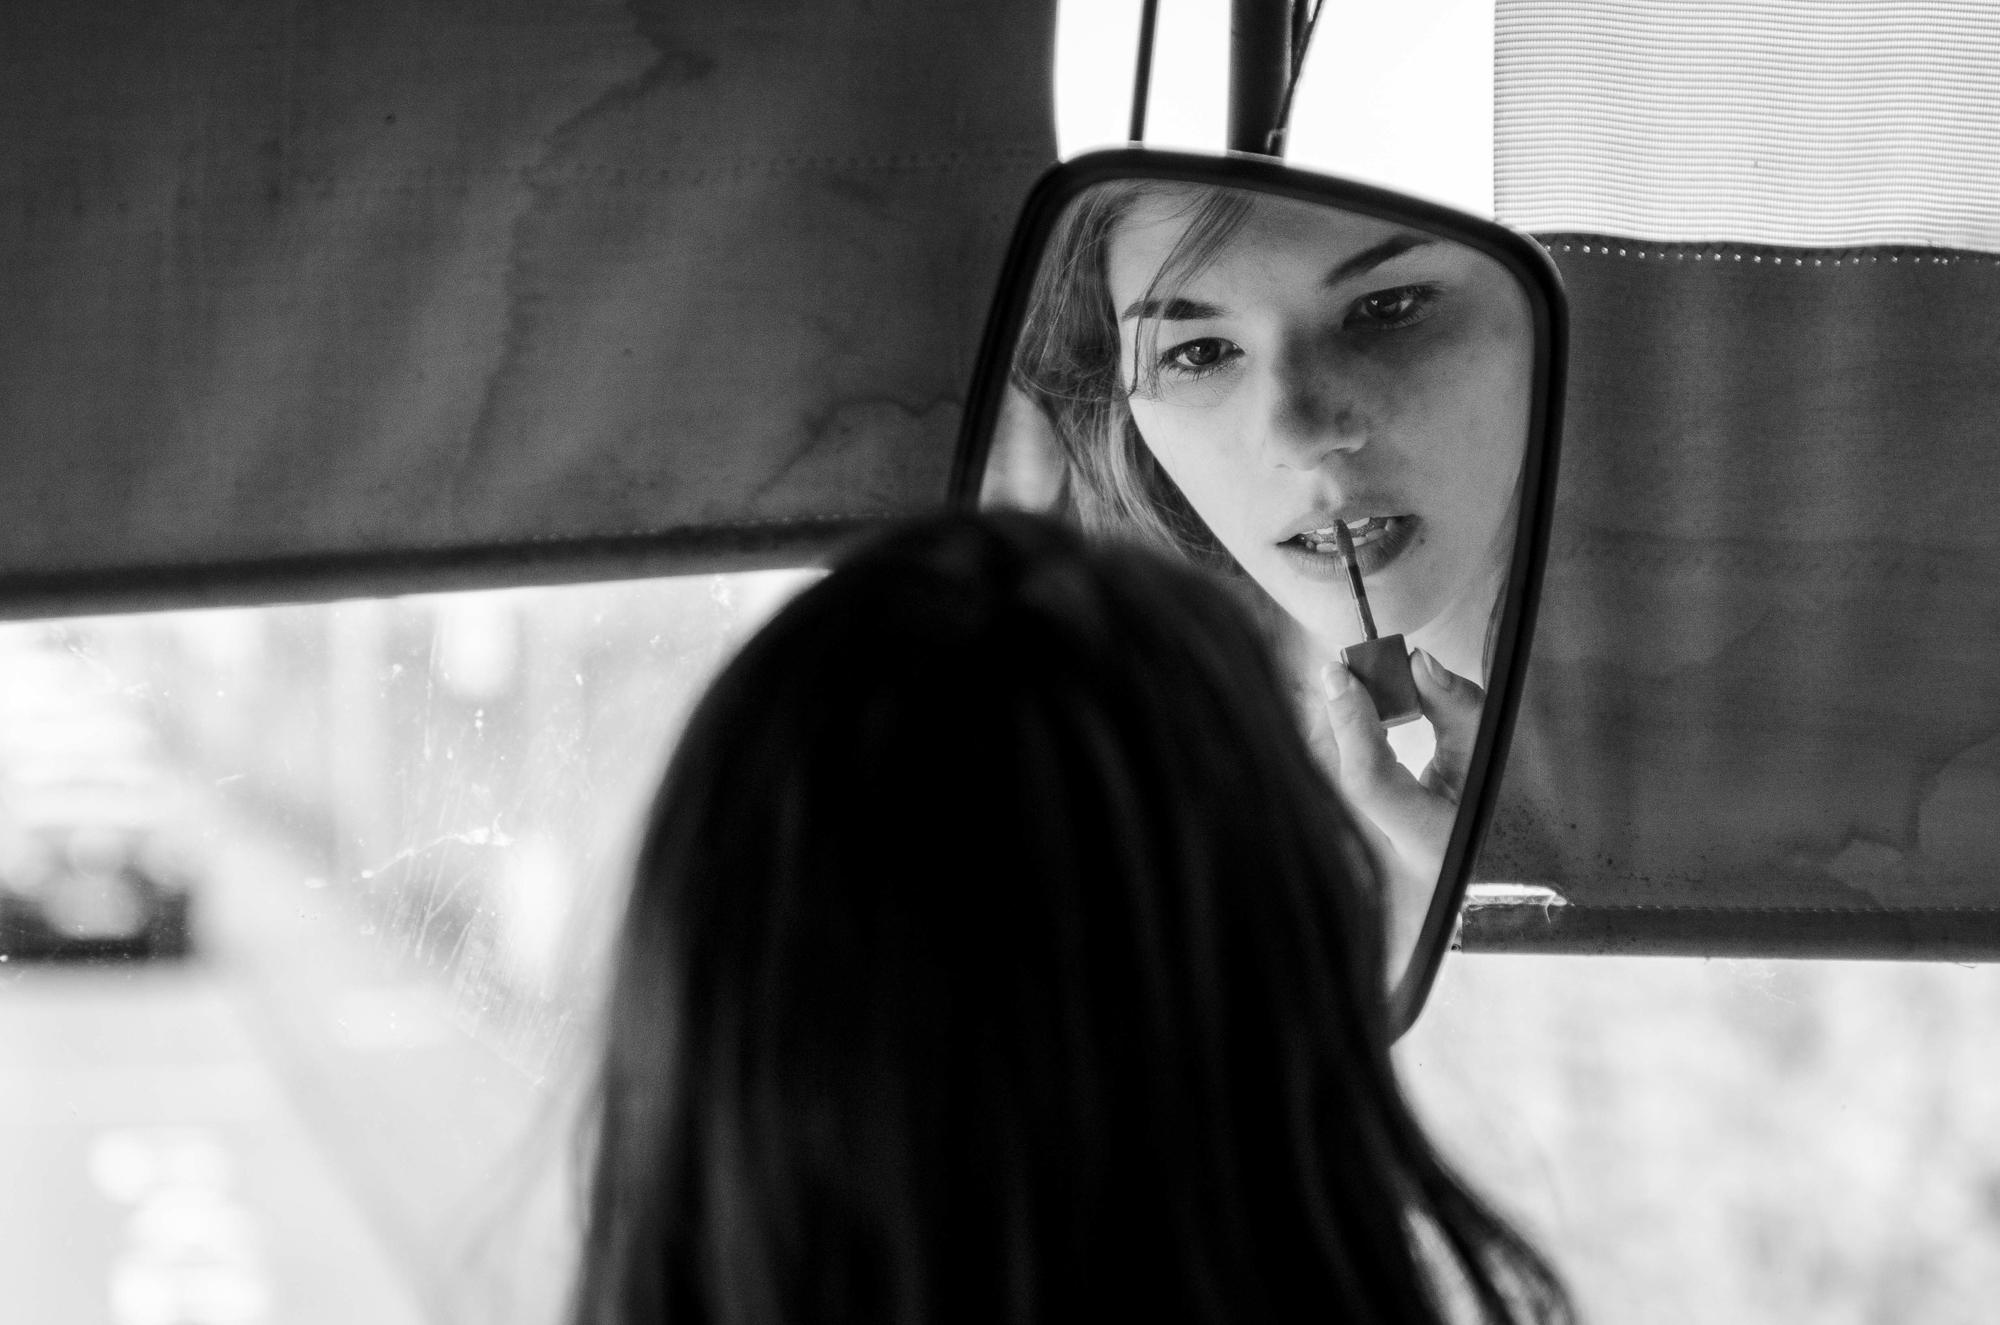 Rouge Rouge 3 - France  PHOTOGRAPHY: ALEXANDER J.E. BRADLEY • NIKON D7000 • AF-S NIKKOR 24-70mm Ƒ/2.8G ED @ 70MM • Ƒ/2.8 • 1/250 • ISO 400